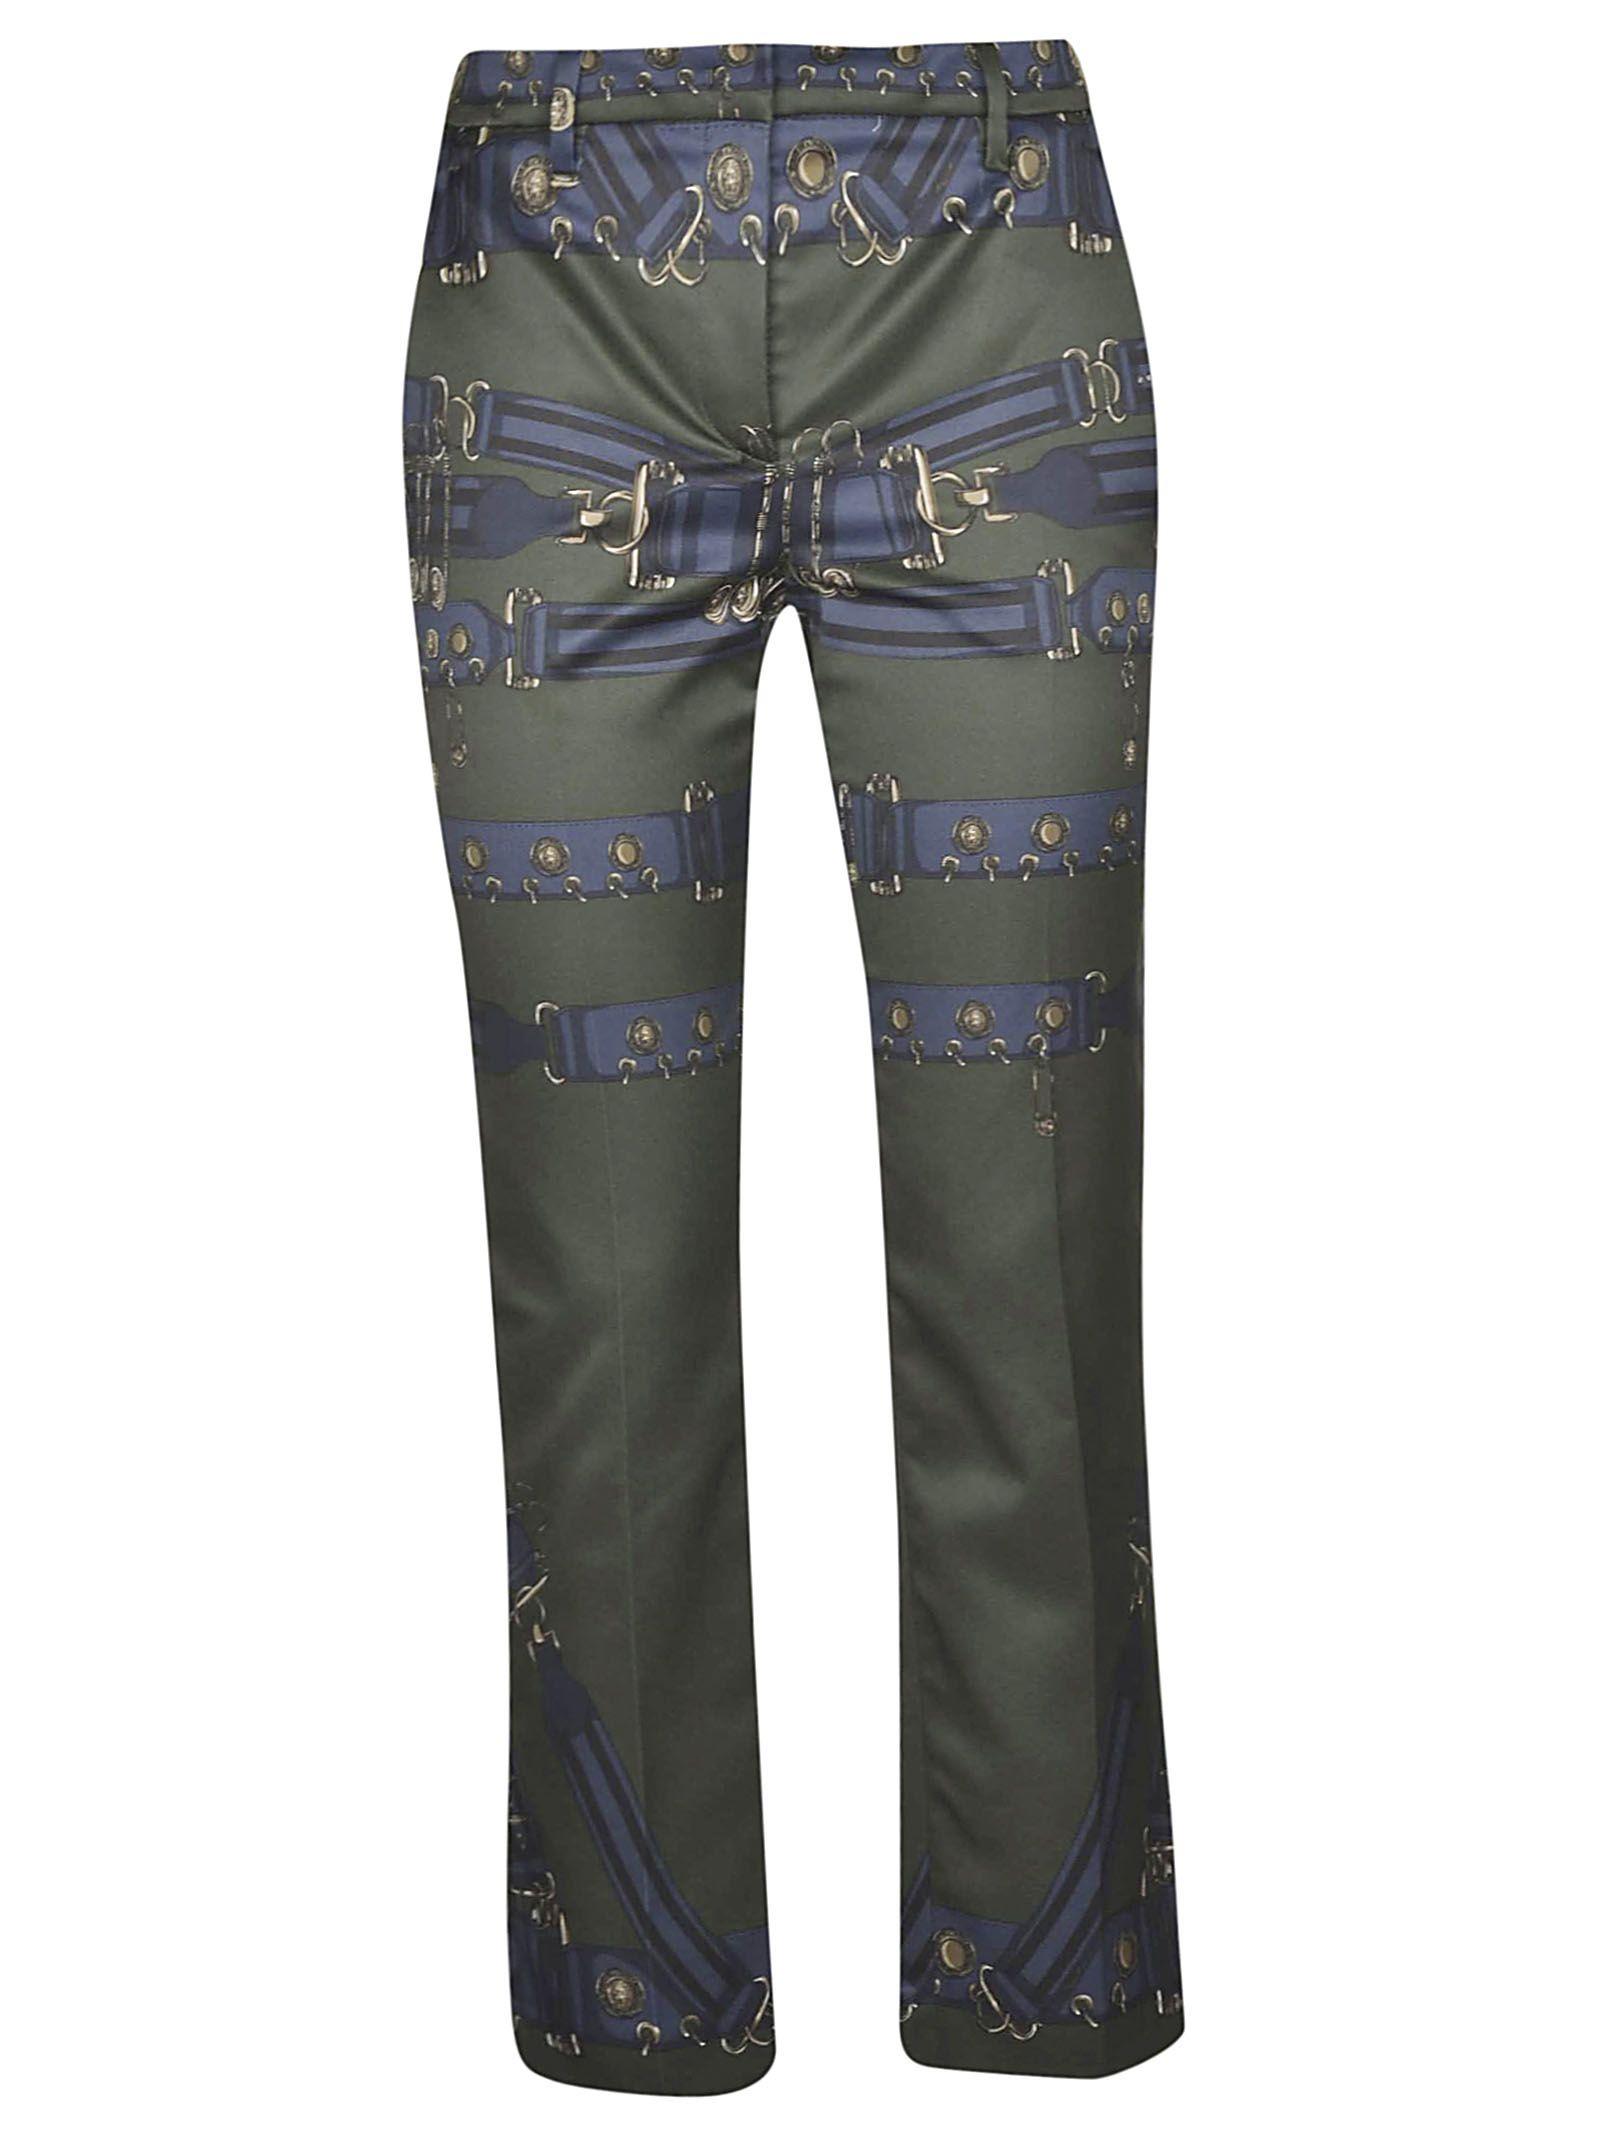 Versus Versace Buckle Print Trousers